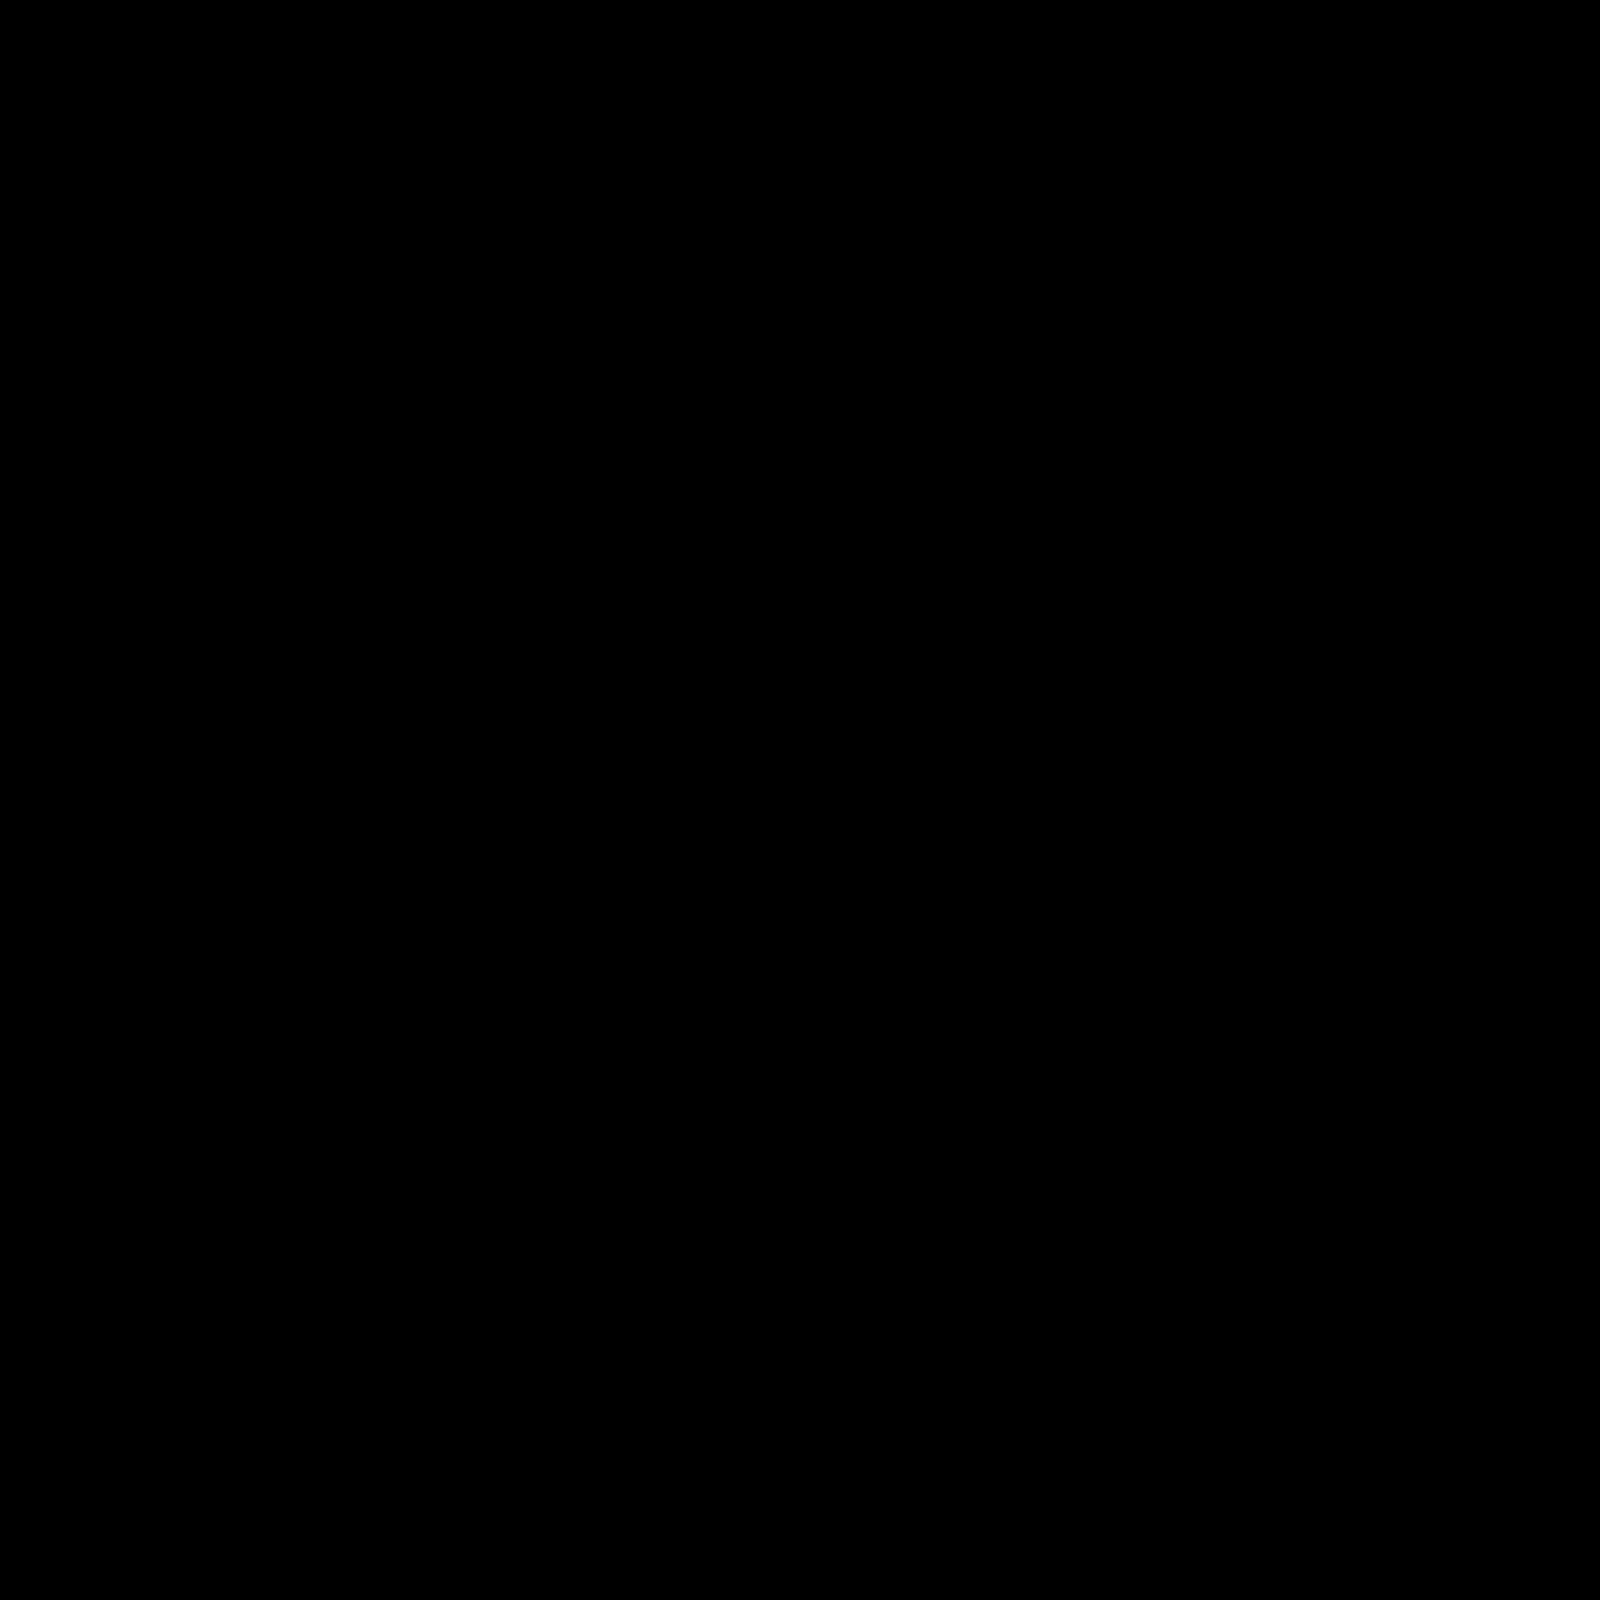 图片 icon